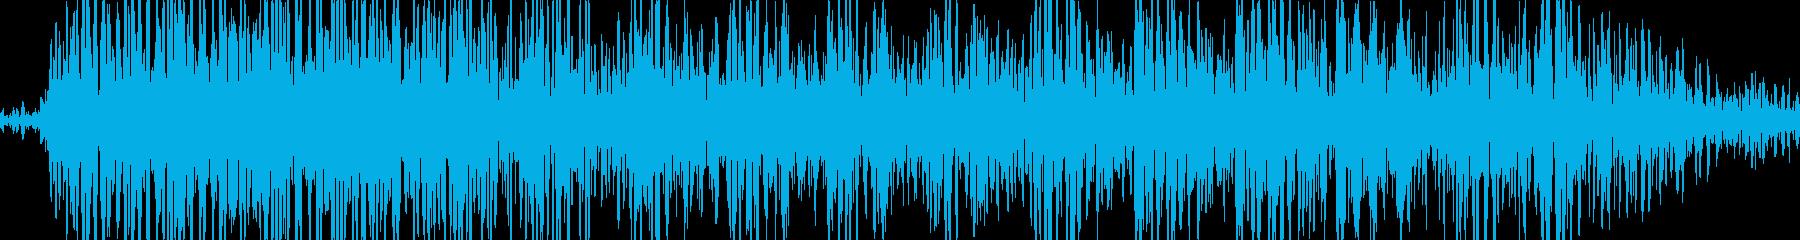 ガガガガ。ドリル・削岩機の音(短め)の再生済みの波形